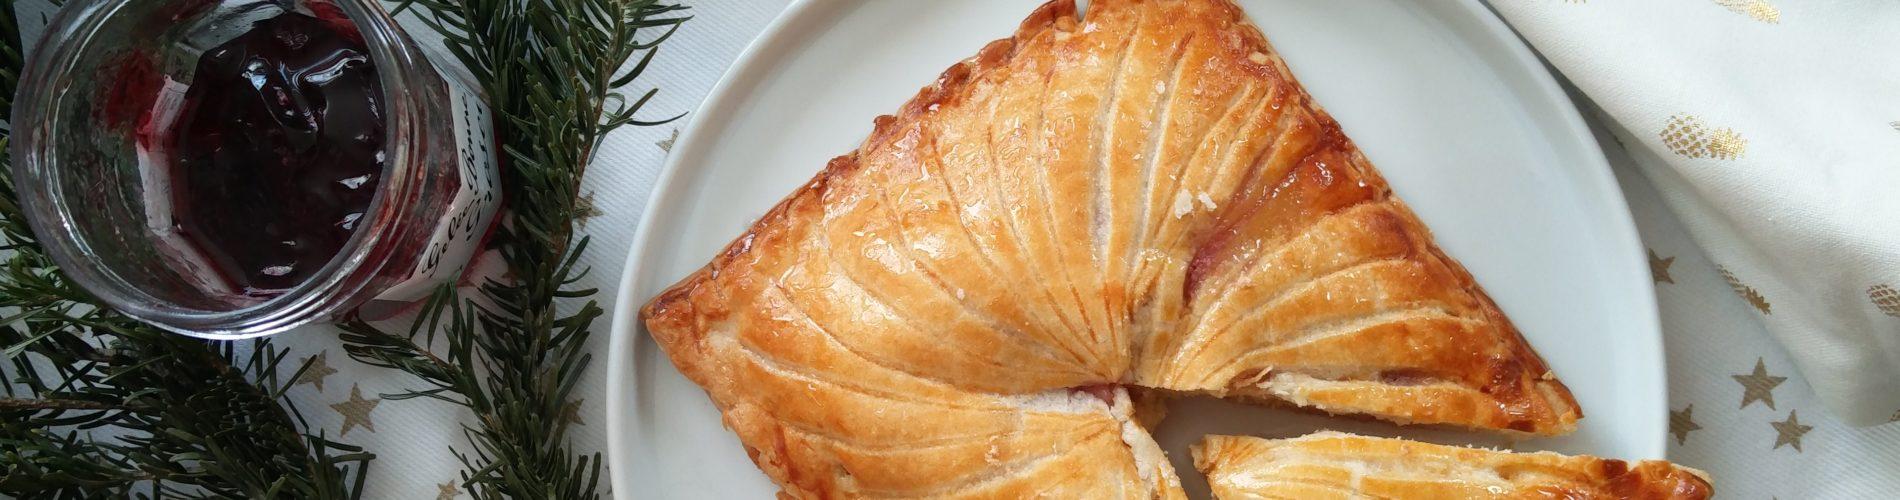 Galette des rois sans gluten, pâte feuilletée maison, crème d'amandes